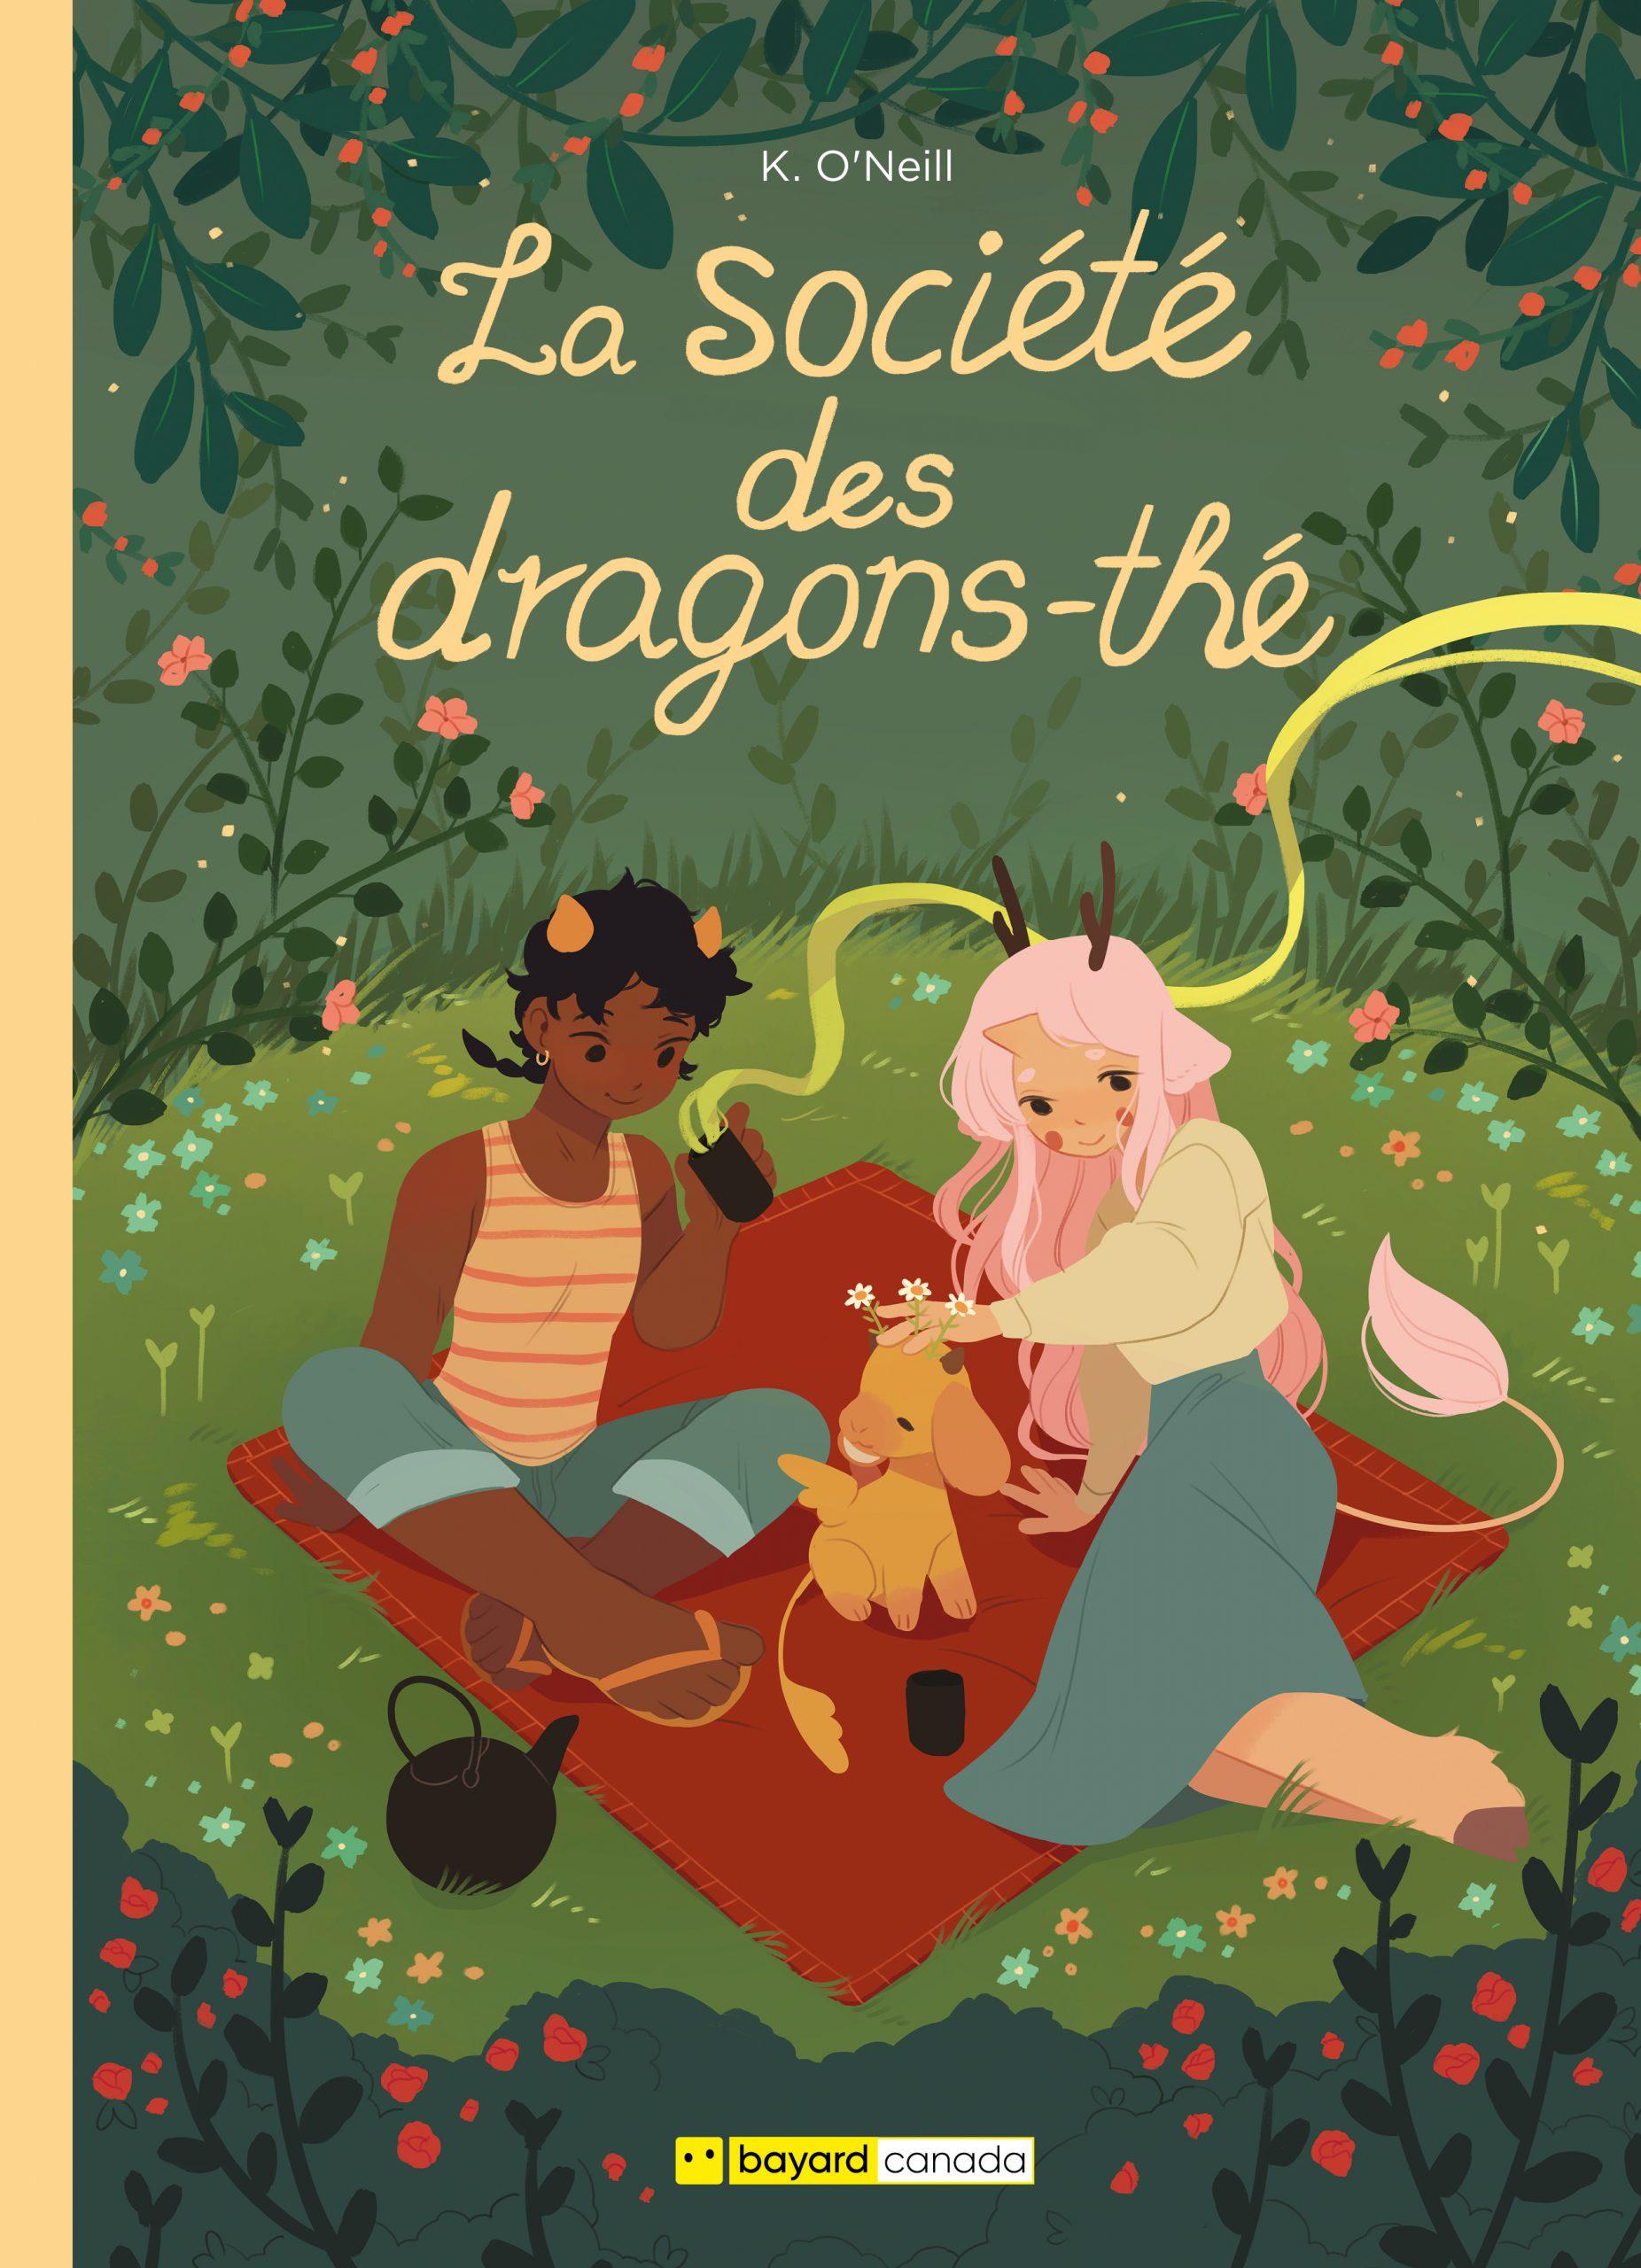 La société des dragons-thé